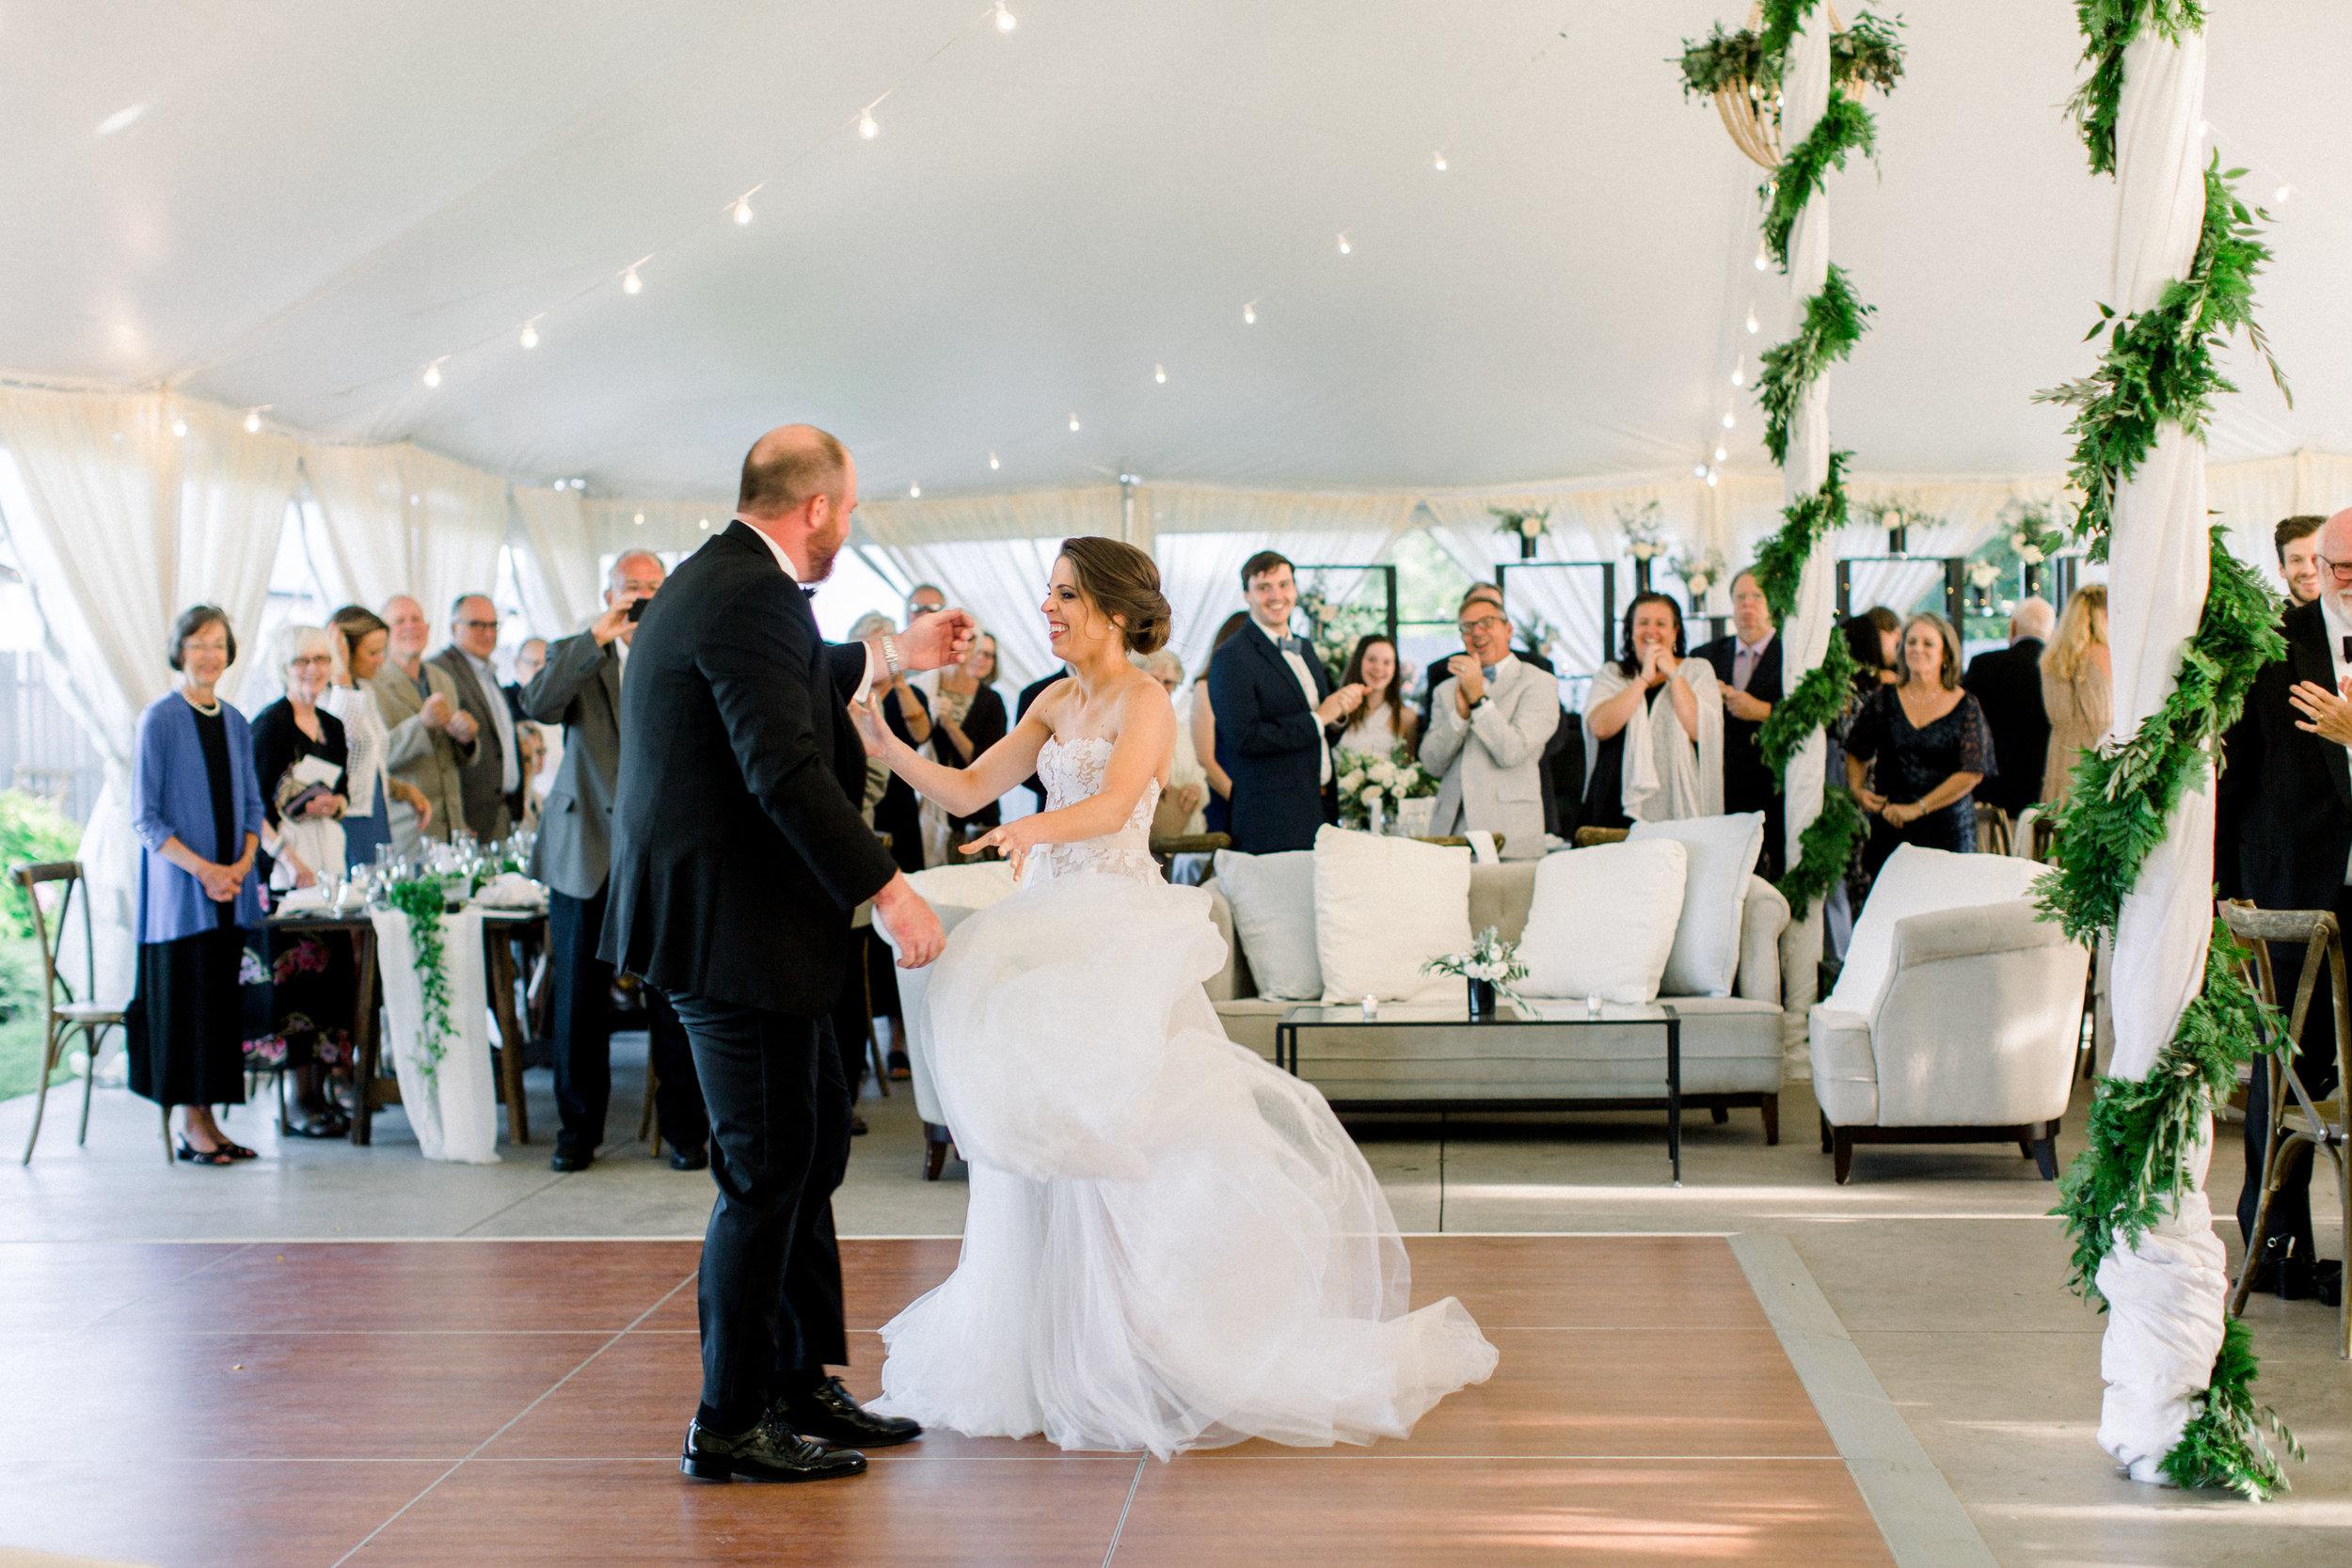 Steinlage+Wedding+Reception-62.jpg